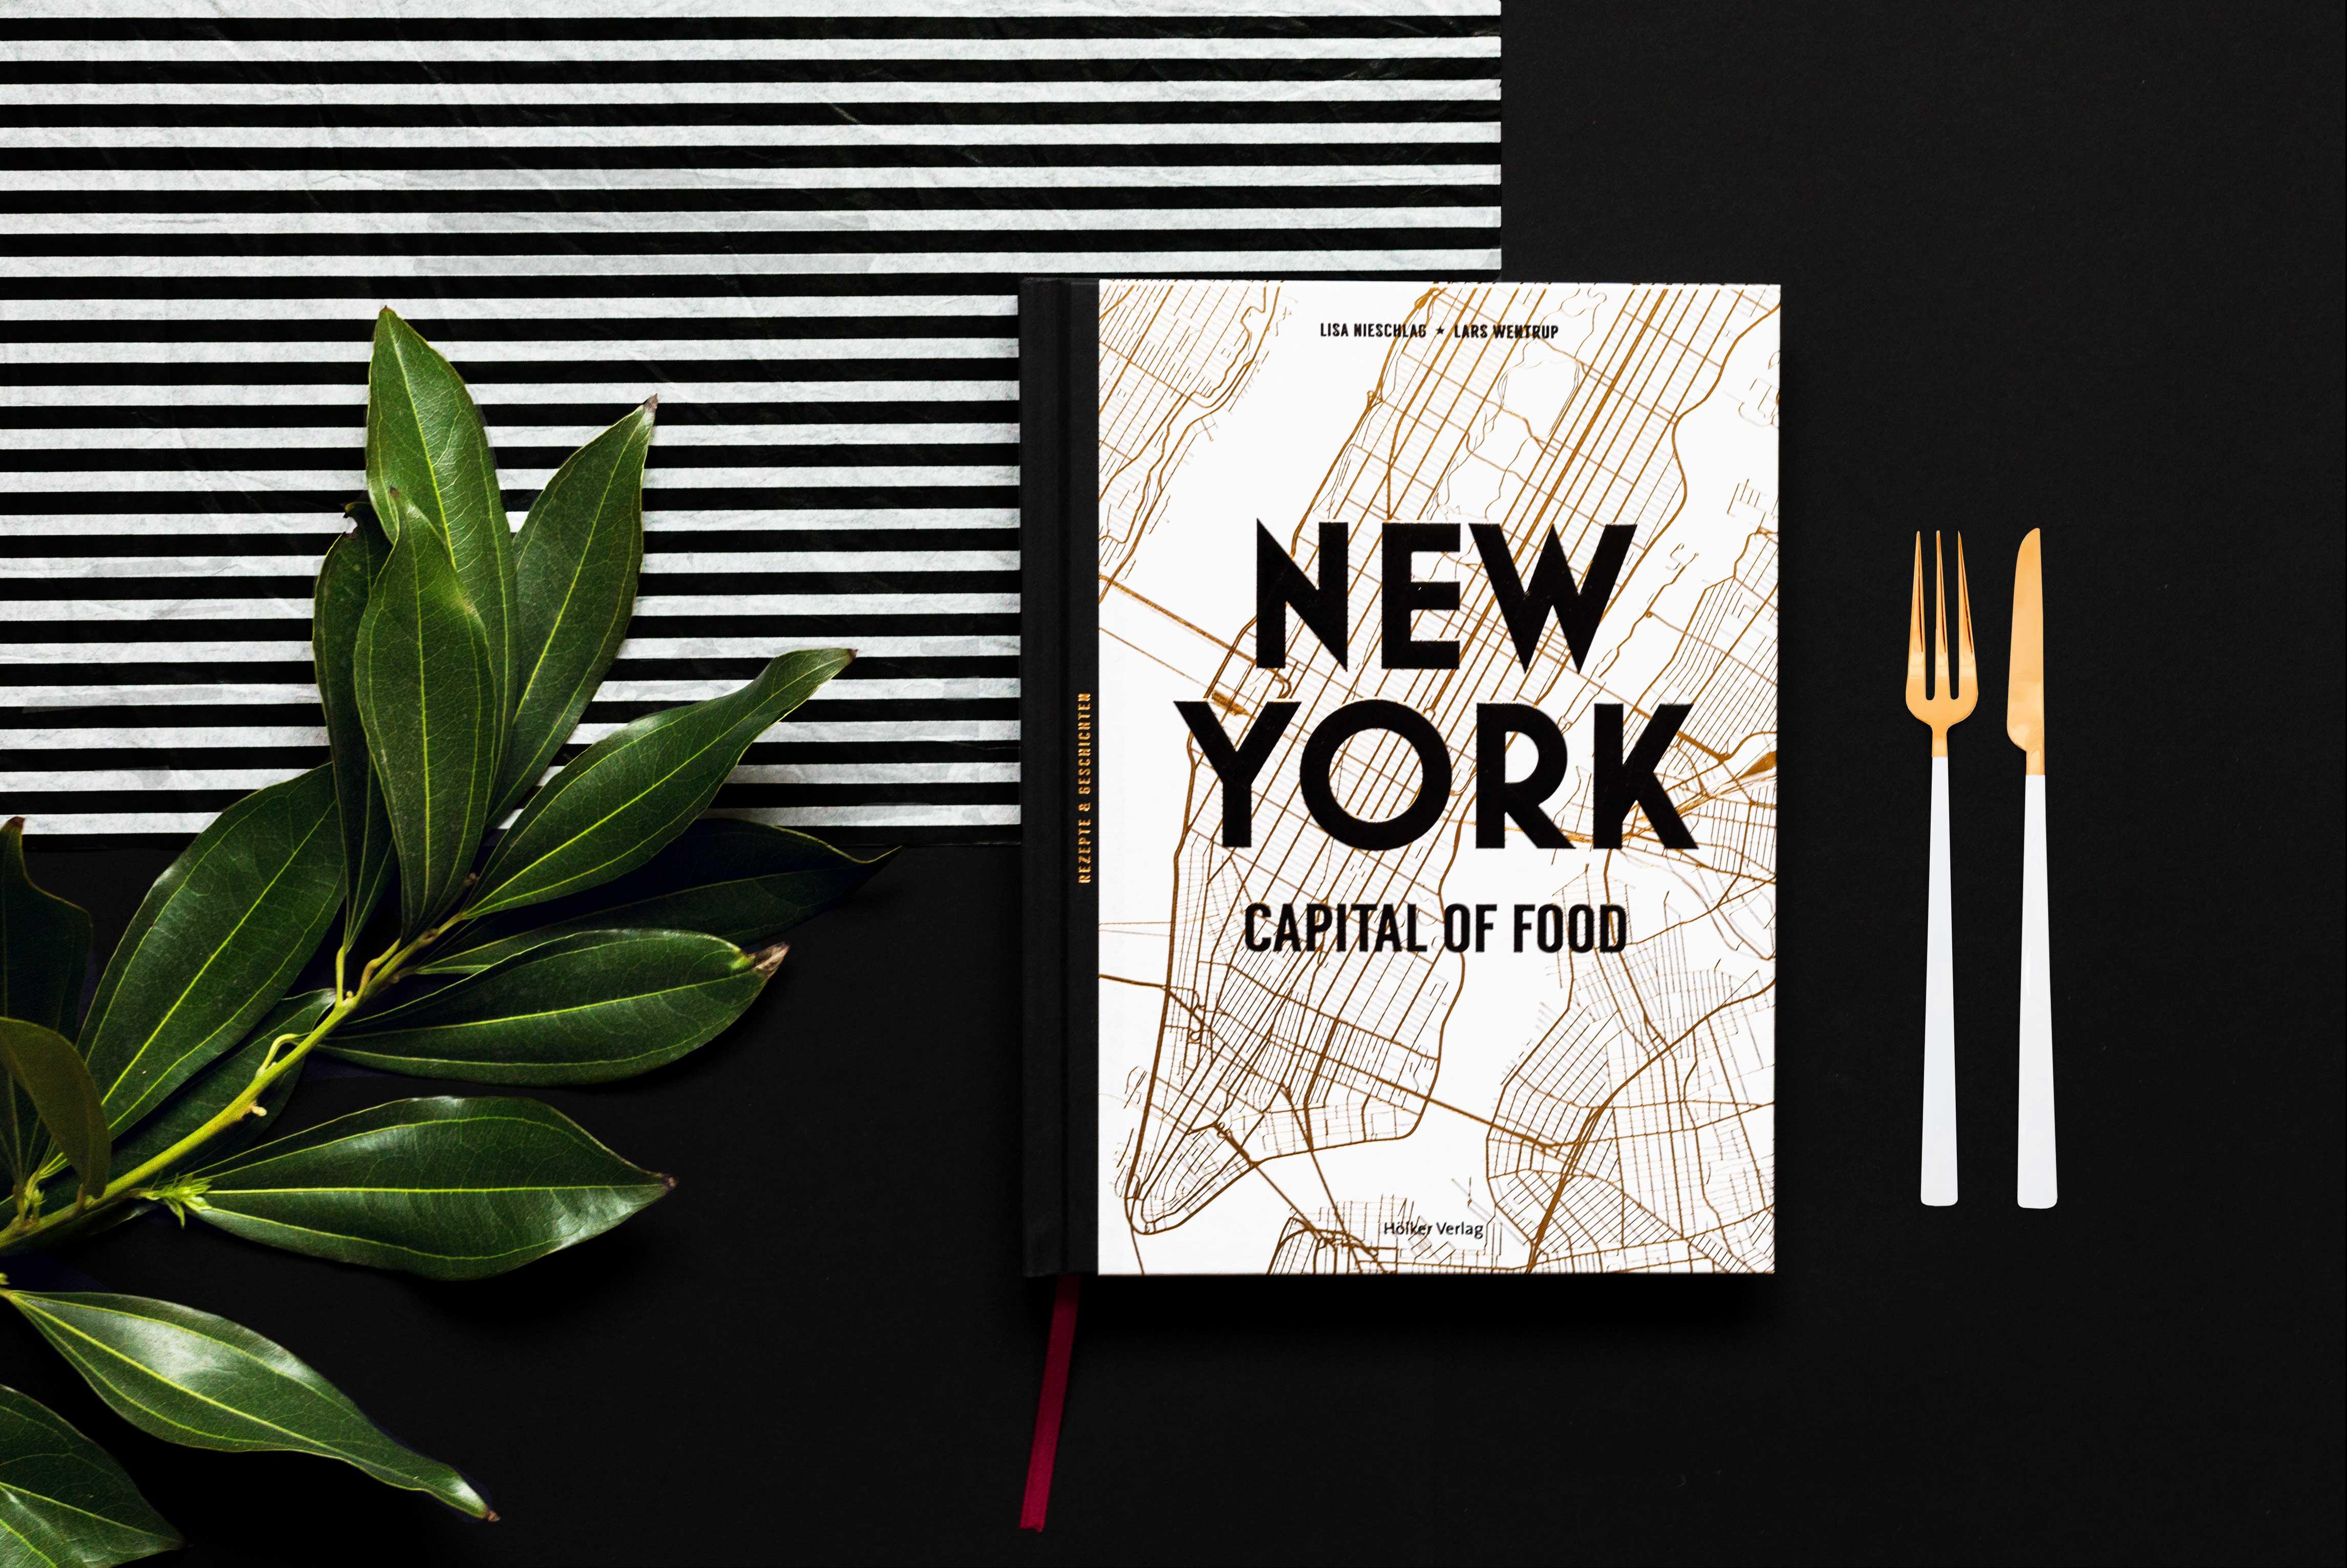 new-york-capital-of-food-schonhalbelf-lisa-nieschlag-lars-wentrup-kochbuch-rezepte-geschichten-lifestyle-neu